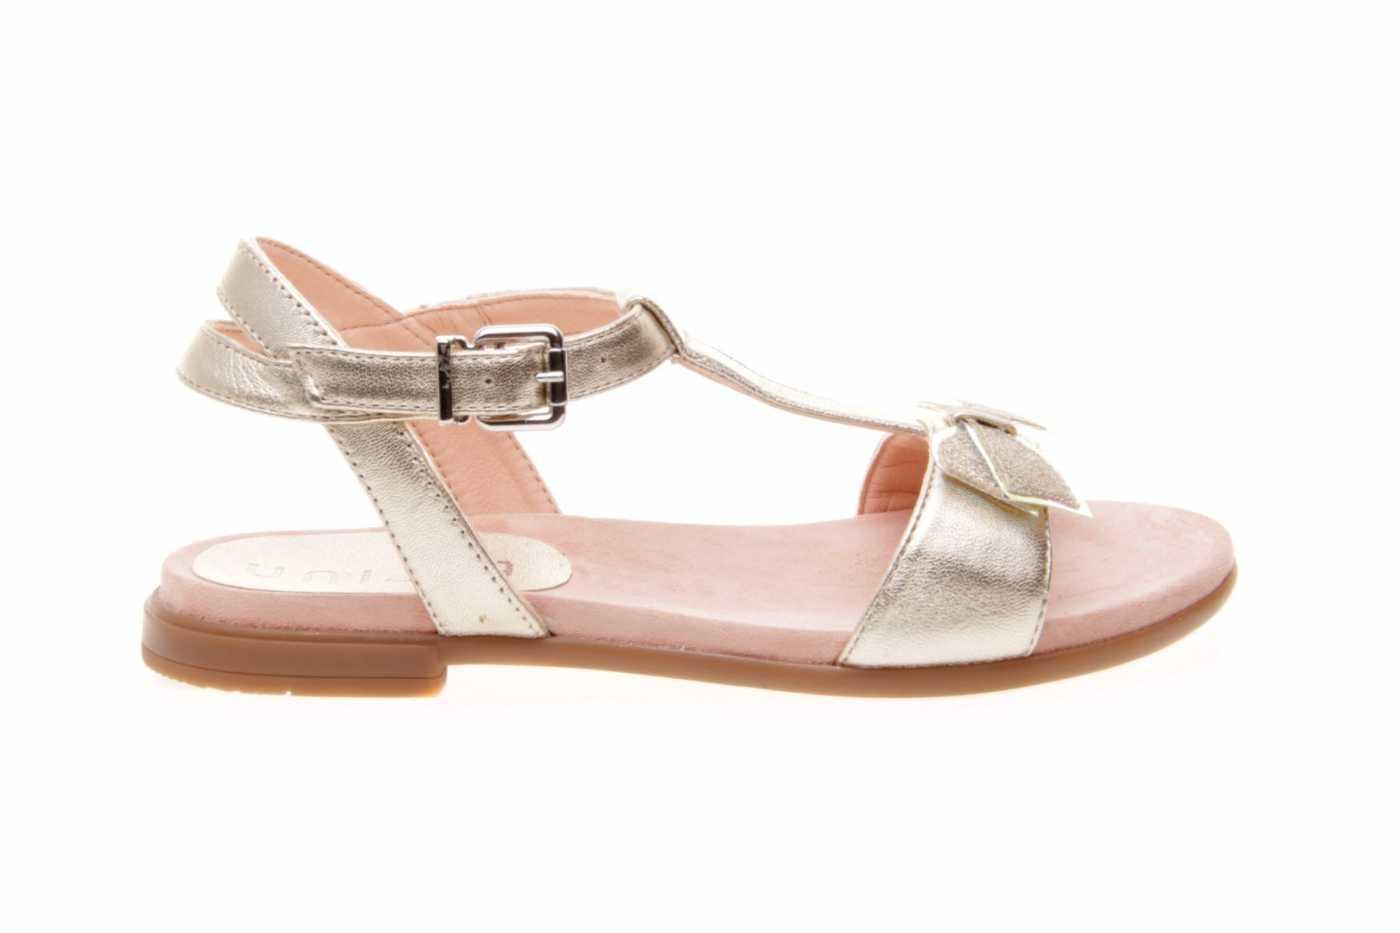 6699a4d2d Comprar zapato tipo JOVEN NIÑA estilo SANDALIA COLOR ORO METALIZADO ...